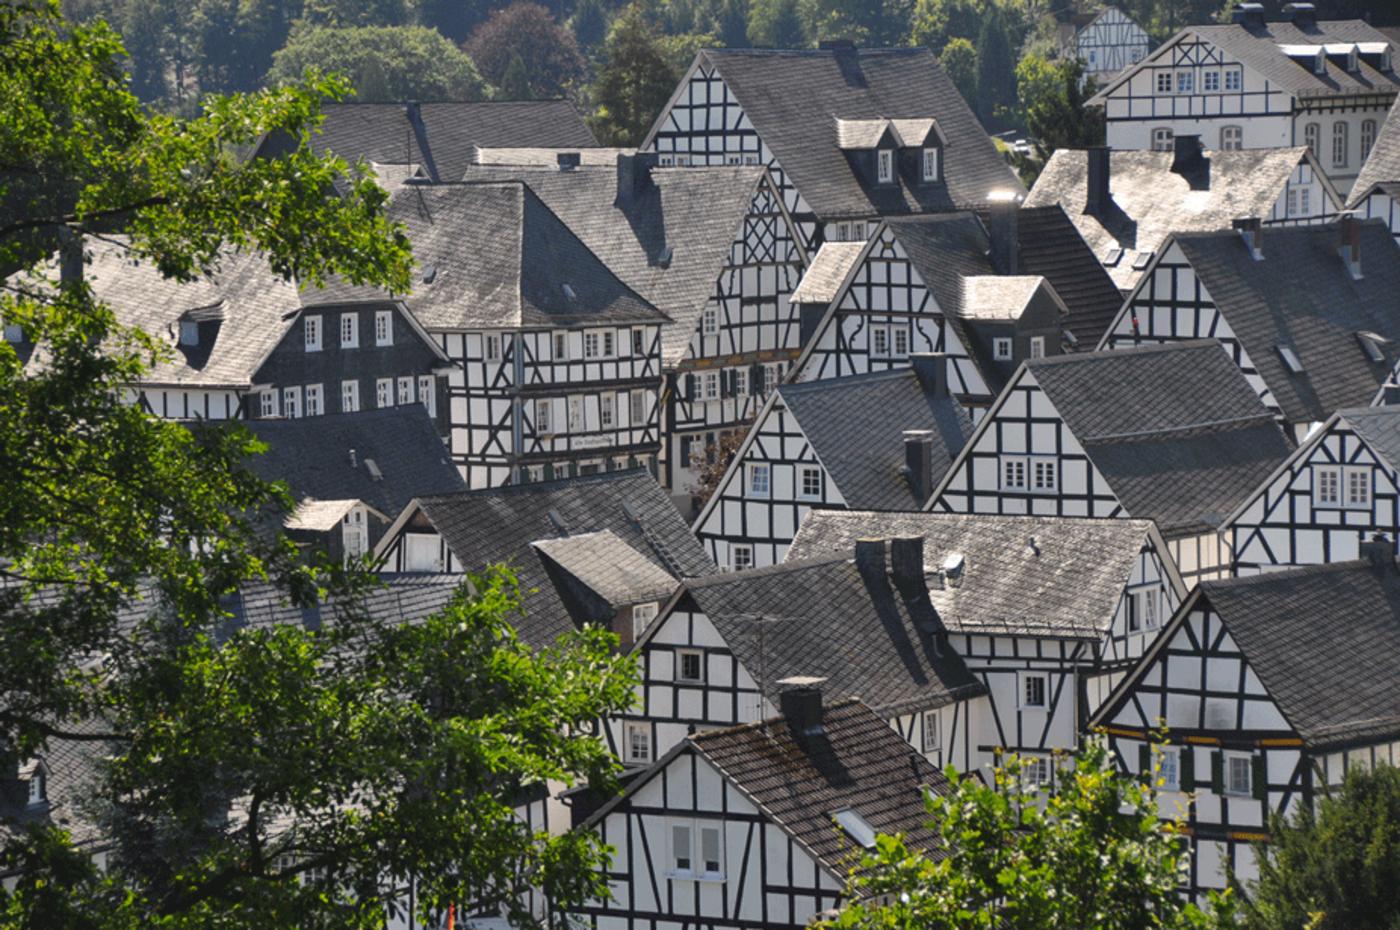 Bäume im Vordergrund, dahinter ein Dorf aus Fachwerkhäusern